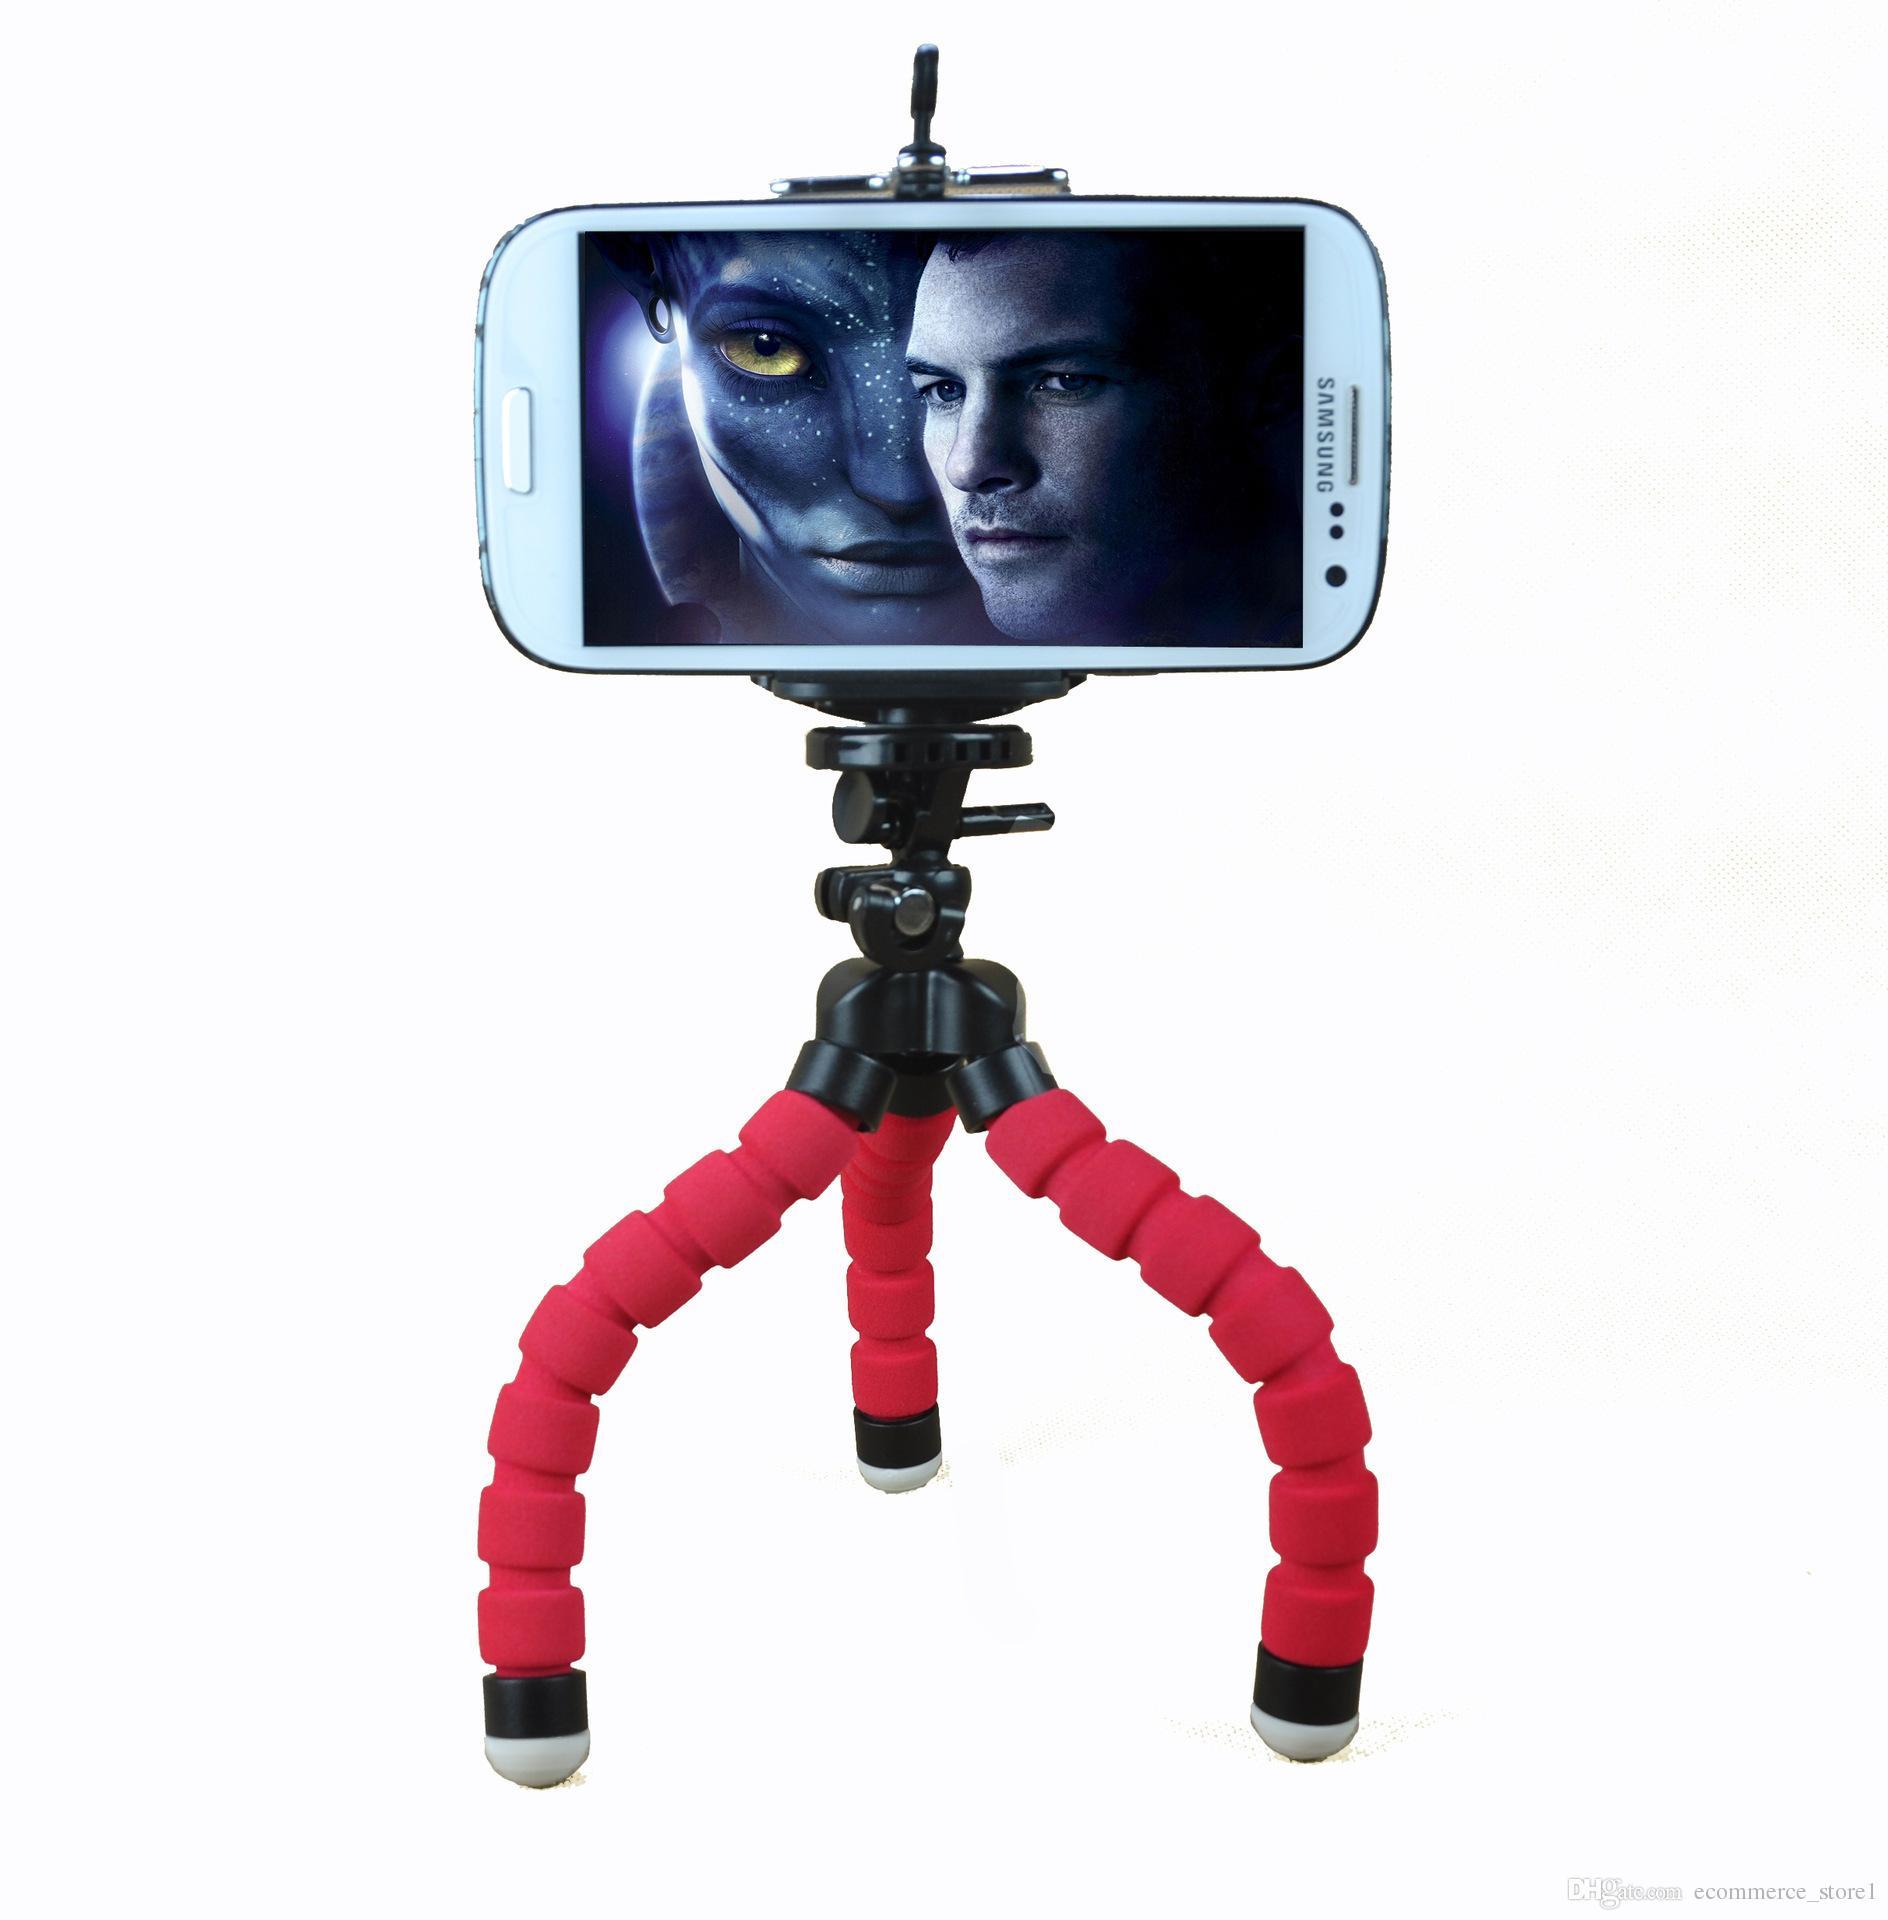 아이폰을위한 미니 유연한 스폰지 낙지 삼각대 삼성 화웨이 휴대 전화 스마트 폰 삼각대 Gopro 카메라 DSLR 마운트 전화 스탠드